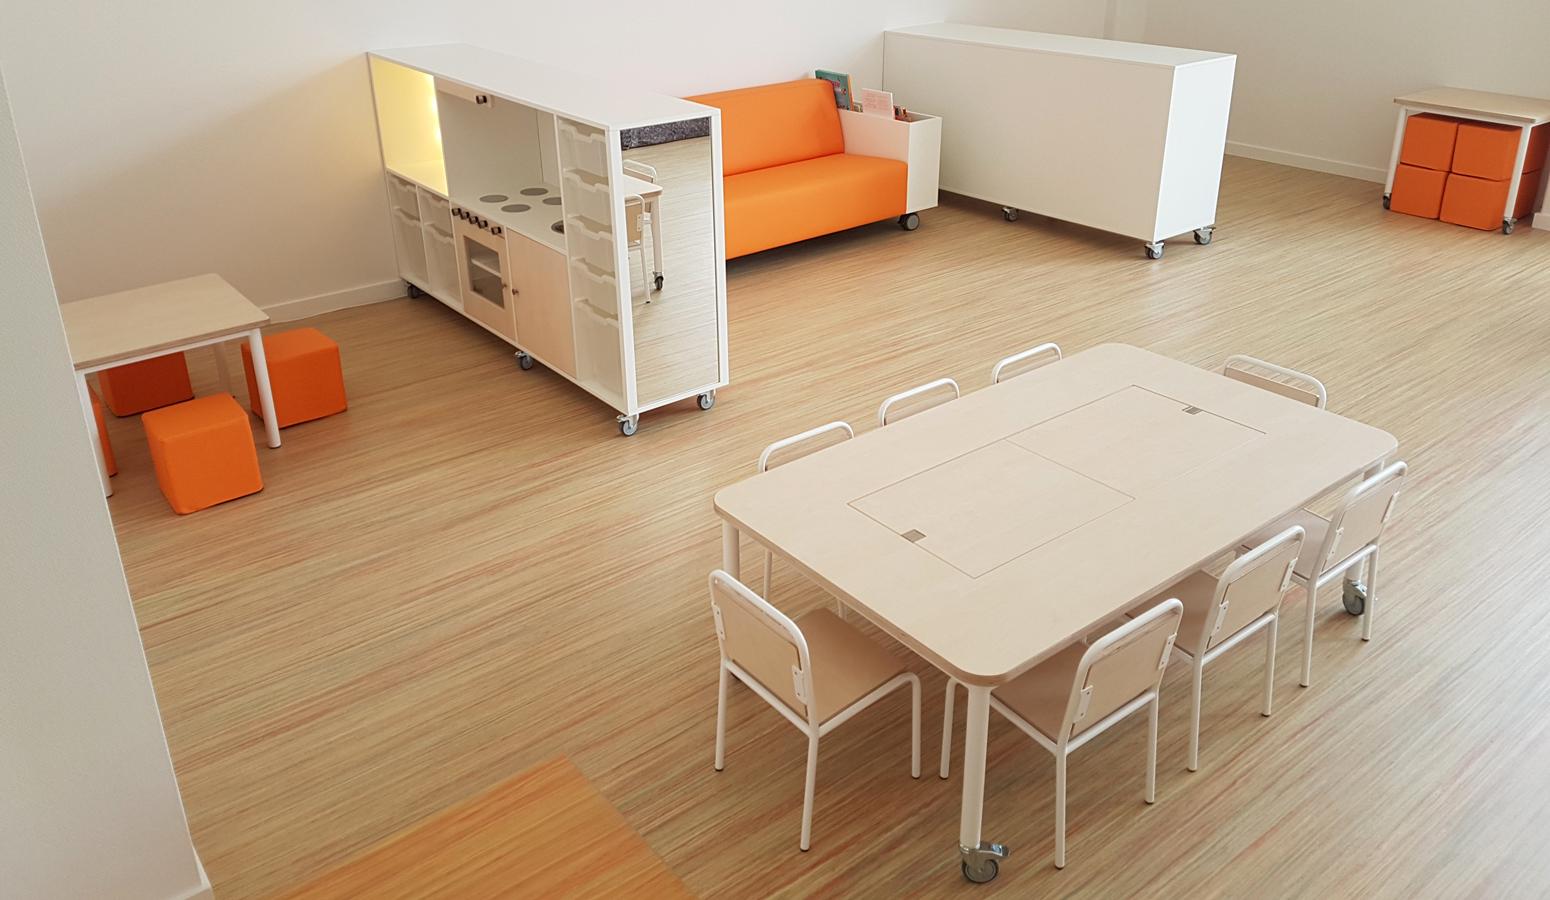 Kinderstoel Om Aan Tafel Te Hangen.2kick Meubelfabriek Combitafel Met Themabakken En Afdekplaten